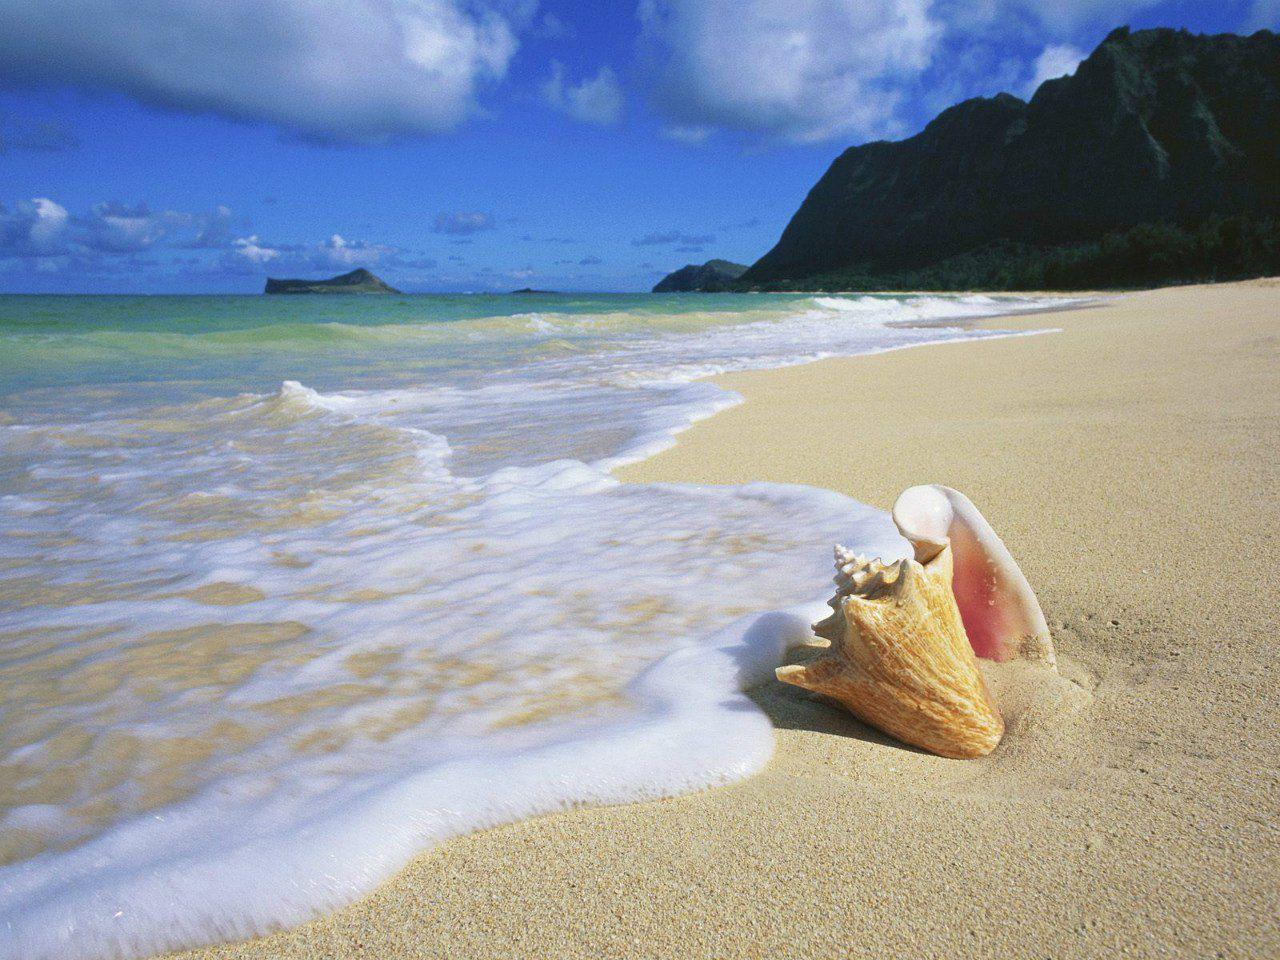 Смешные картинки с пляжем и морем, картинки тему свадьбы